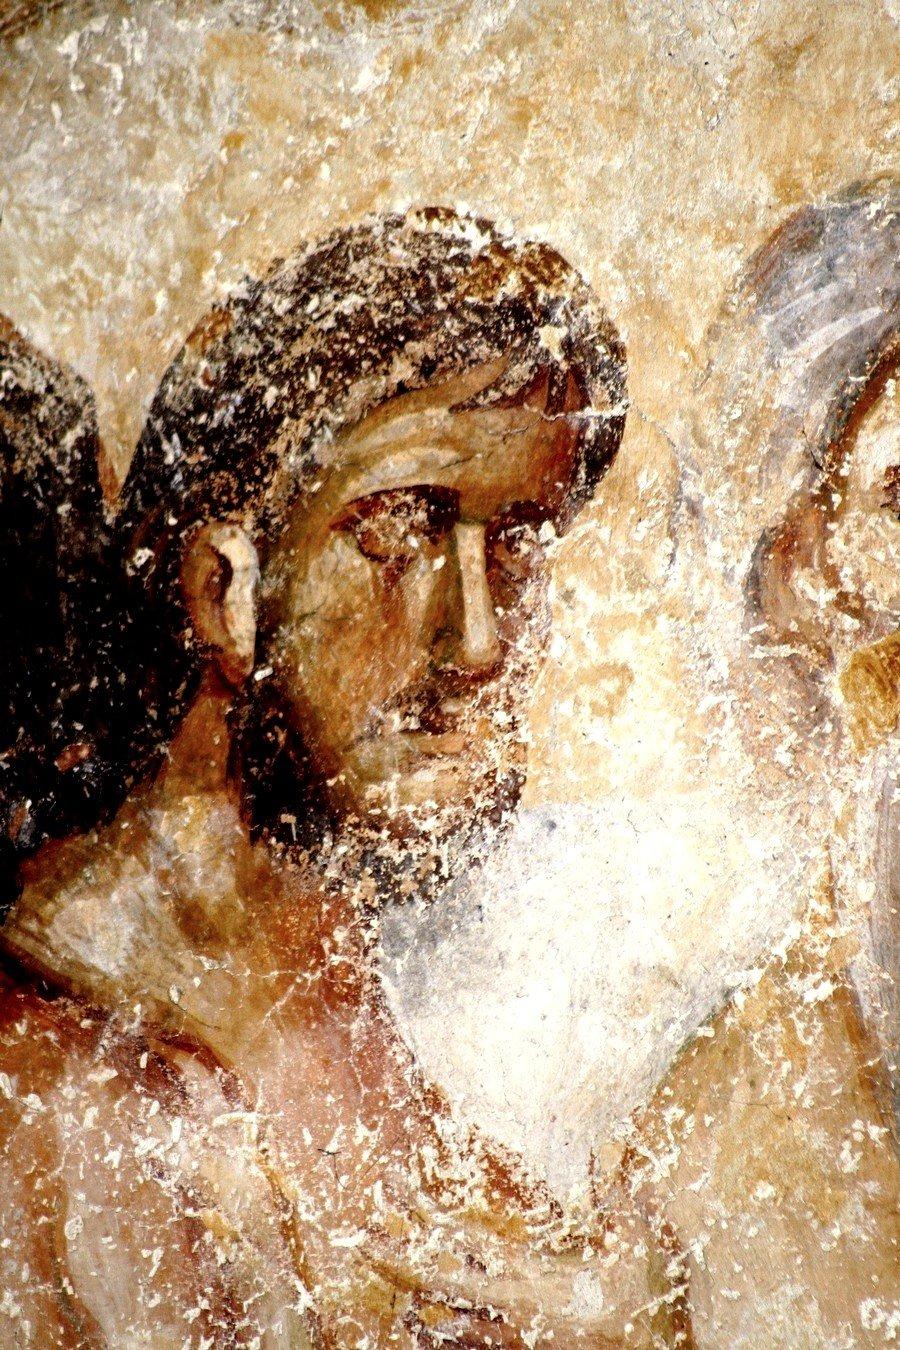 Святые Сорок Мучеников Севастийских. Фреска церкви Святой Троицы в монастыре Сопочаны, Сербия. 1265 год. Фрагмент.